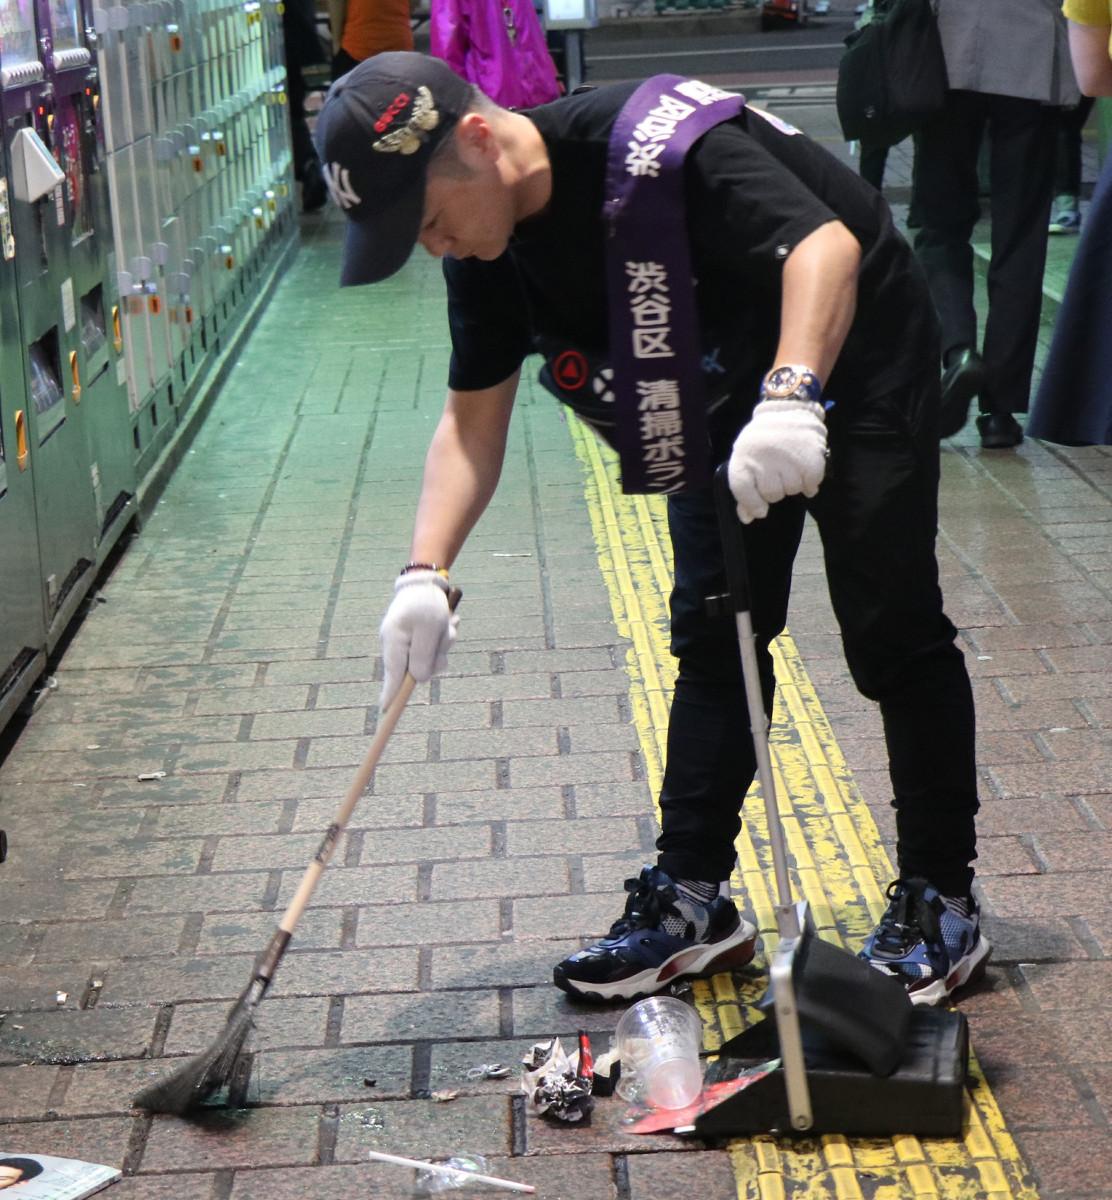 【悲報】 カラテカ入江さん、イベント会社廃業 清掃業に転身wwwwwwwwwwwwww